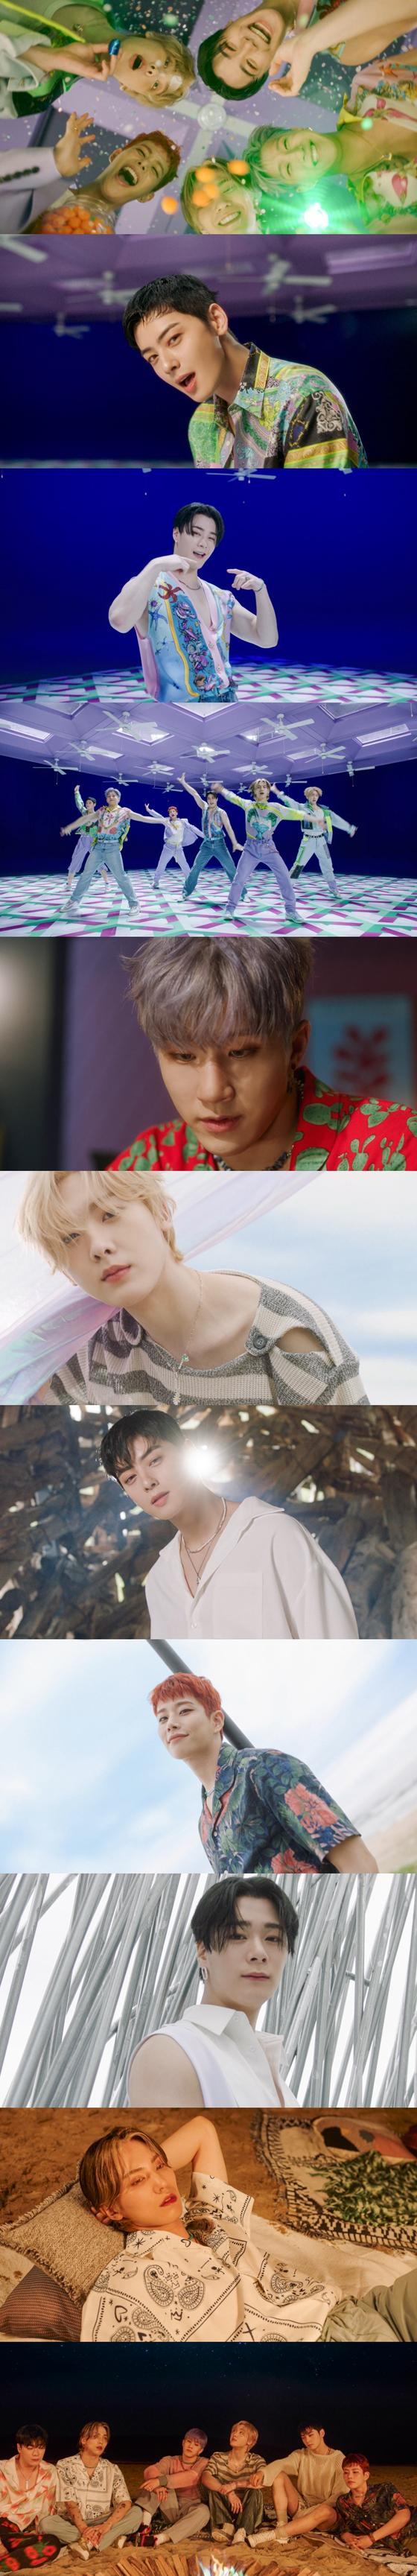 아스트로 '애프터 미드나잇' 뮤직비디오 캡처 화면